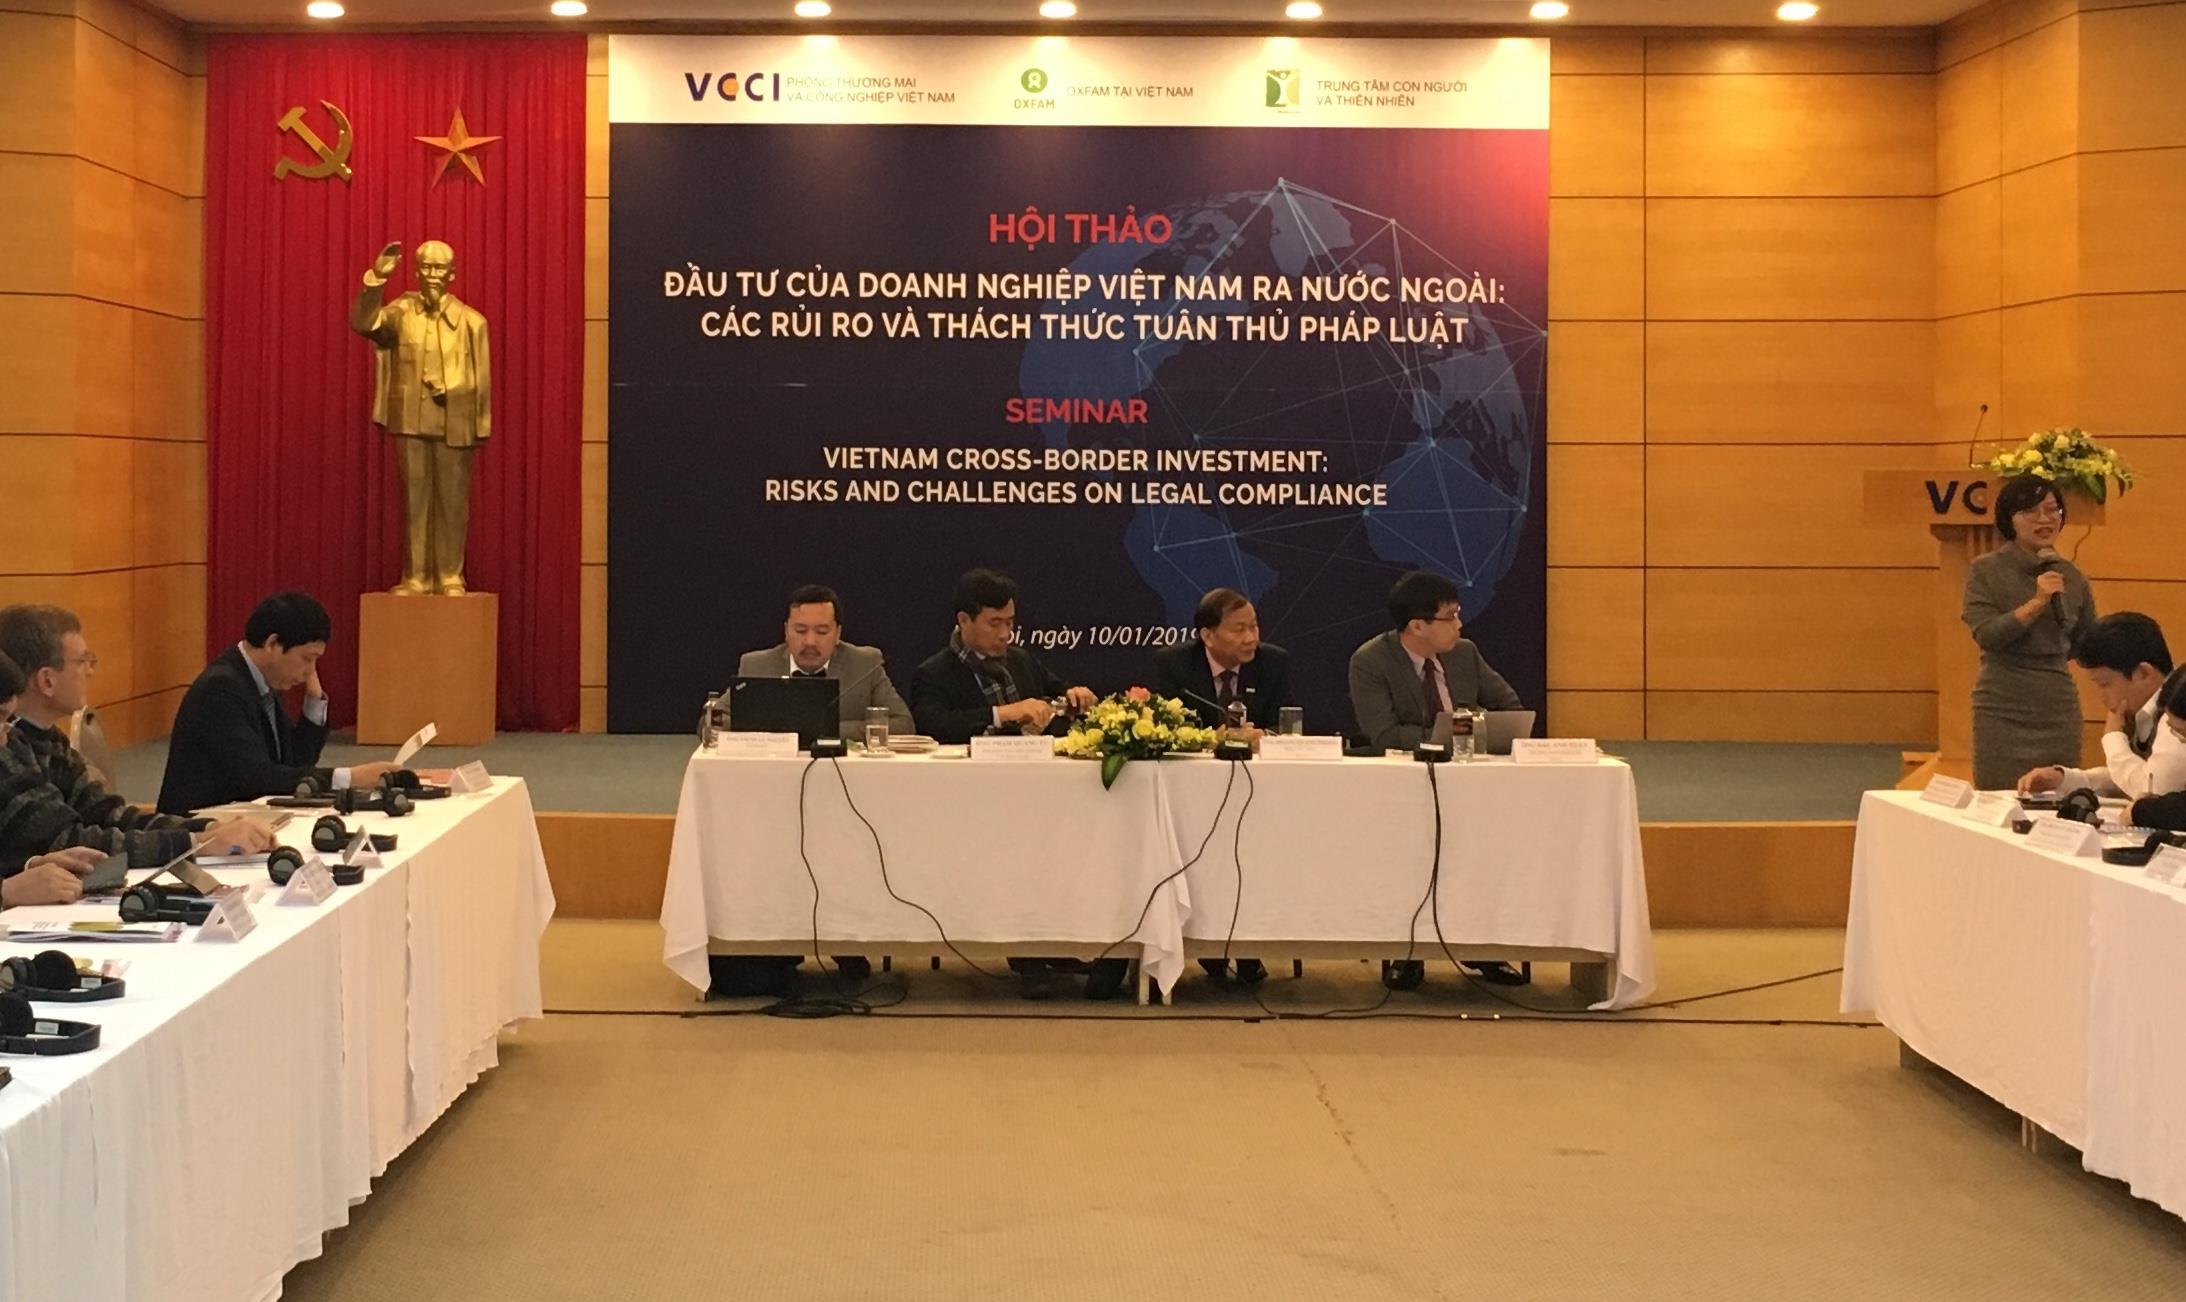 Doanh nghiệp Việt gặp khó khi đầu tư ra nước ngoài vì rủi ro pháp lý